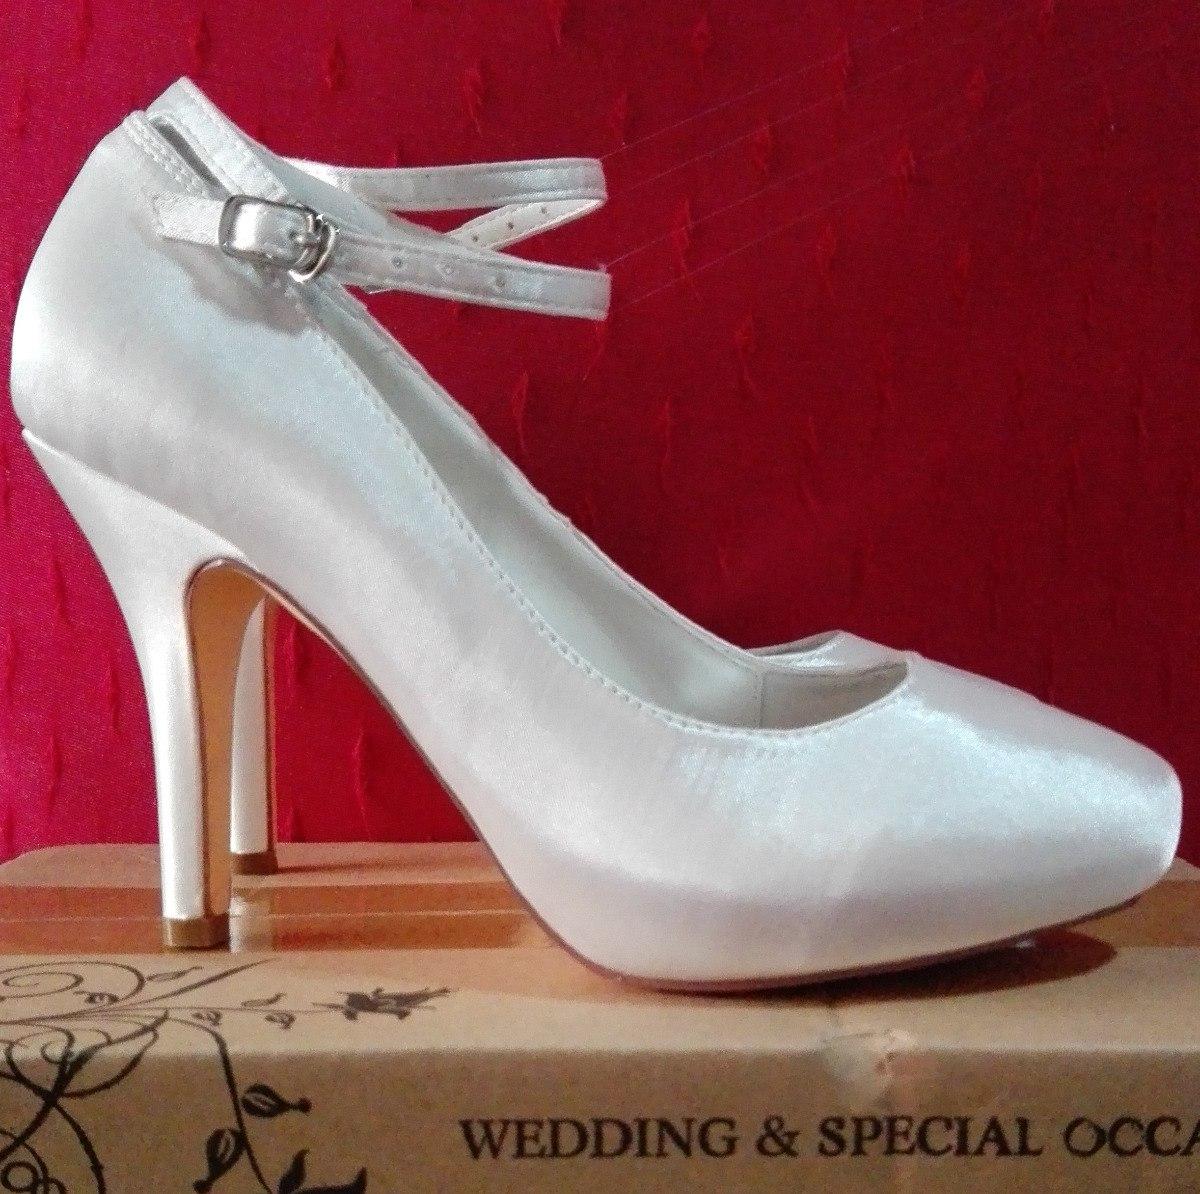 d4162b90 Zapatos De Novia Color Marfil - $ 1.500,00 en Mercado Libre